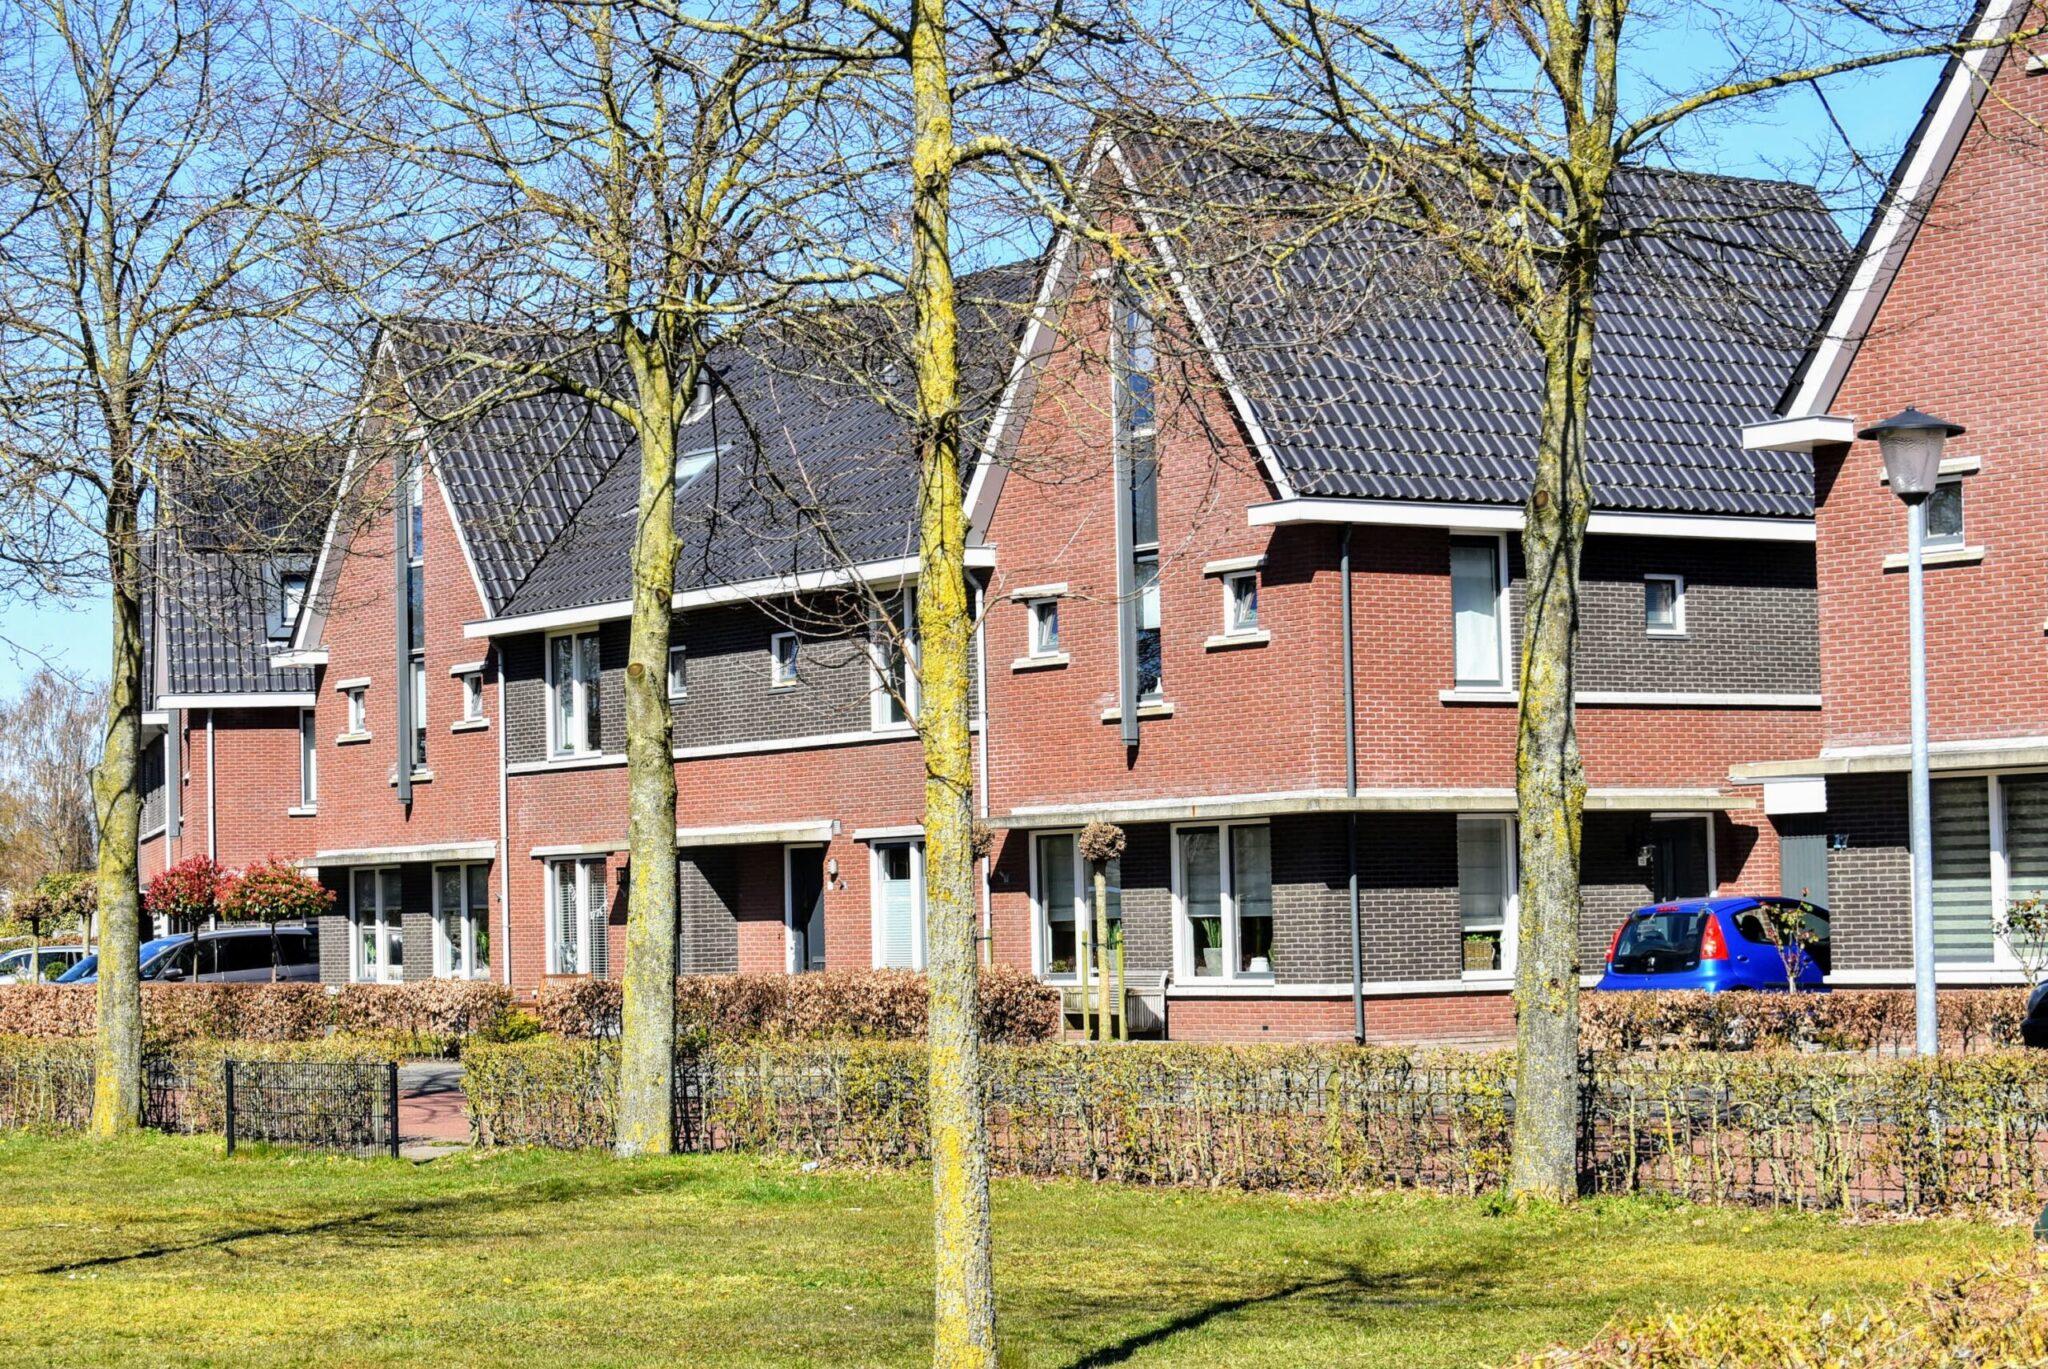 Huizen in Harderwijk. woningzoekenden in harderwijk huren sociale huur koopwoningen gemiddelde verkoopprijs